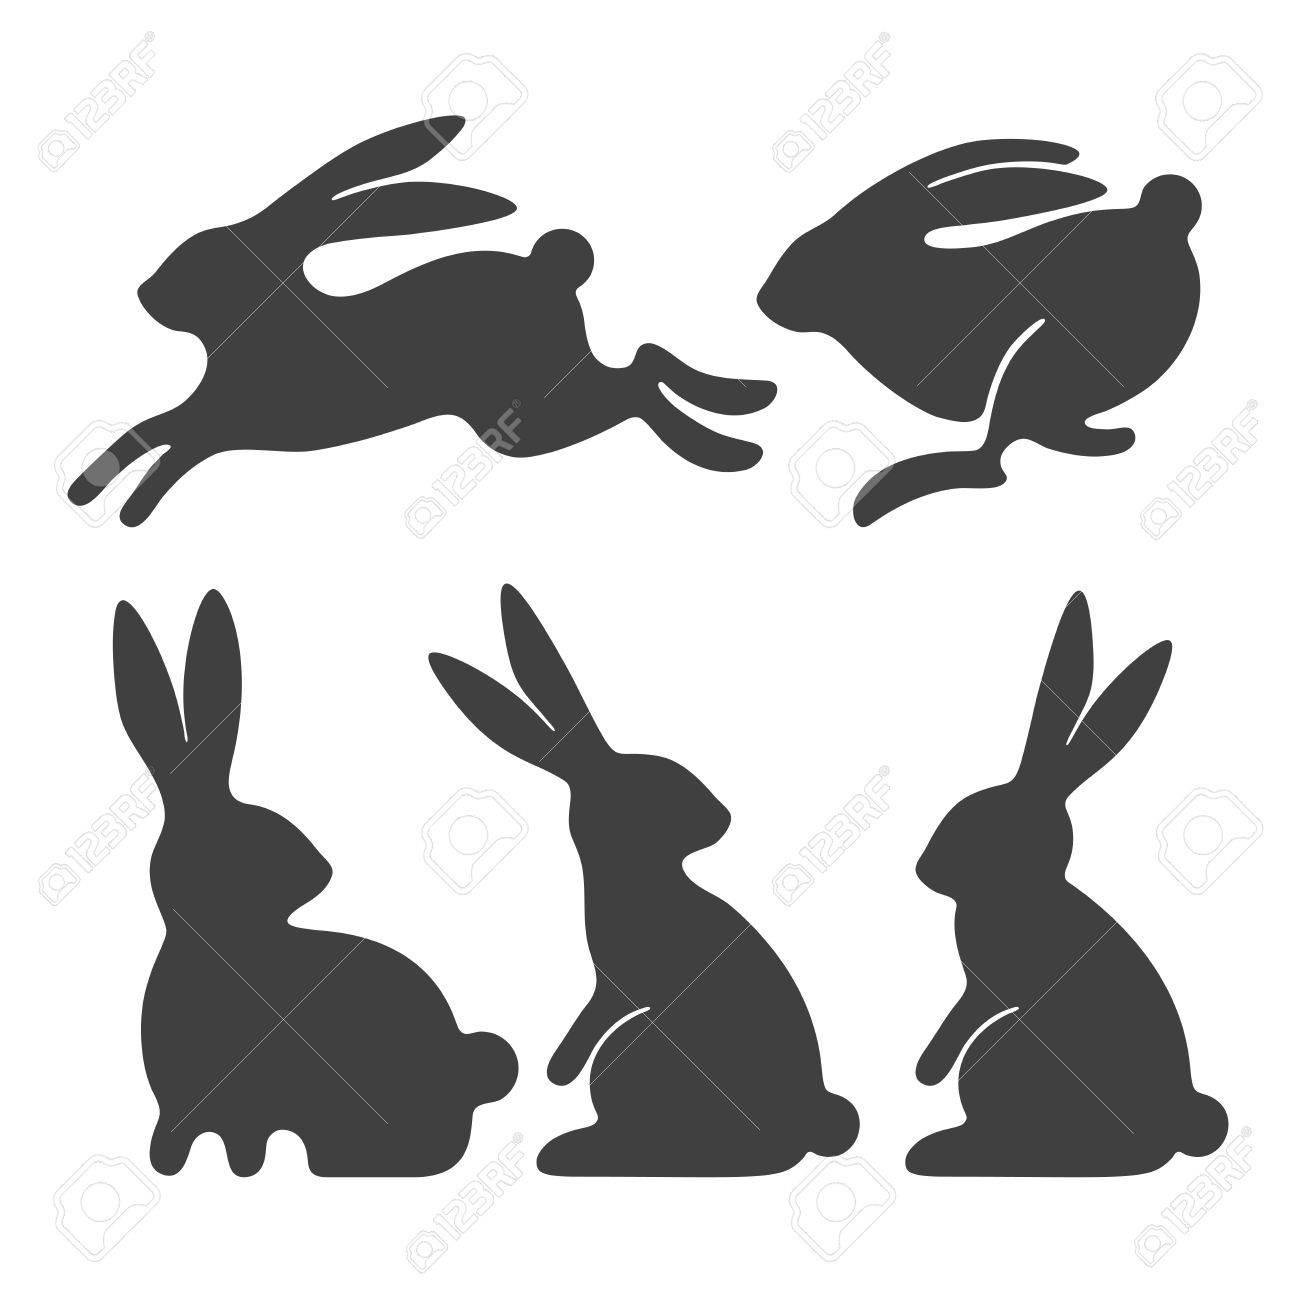 座ると走るウサギの様式化されたシルエットのイラスト素材ベクタ